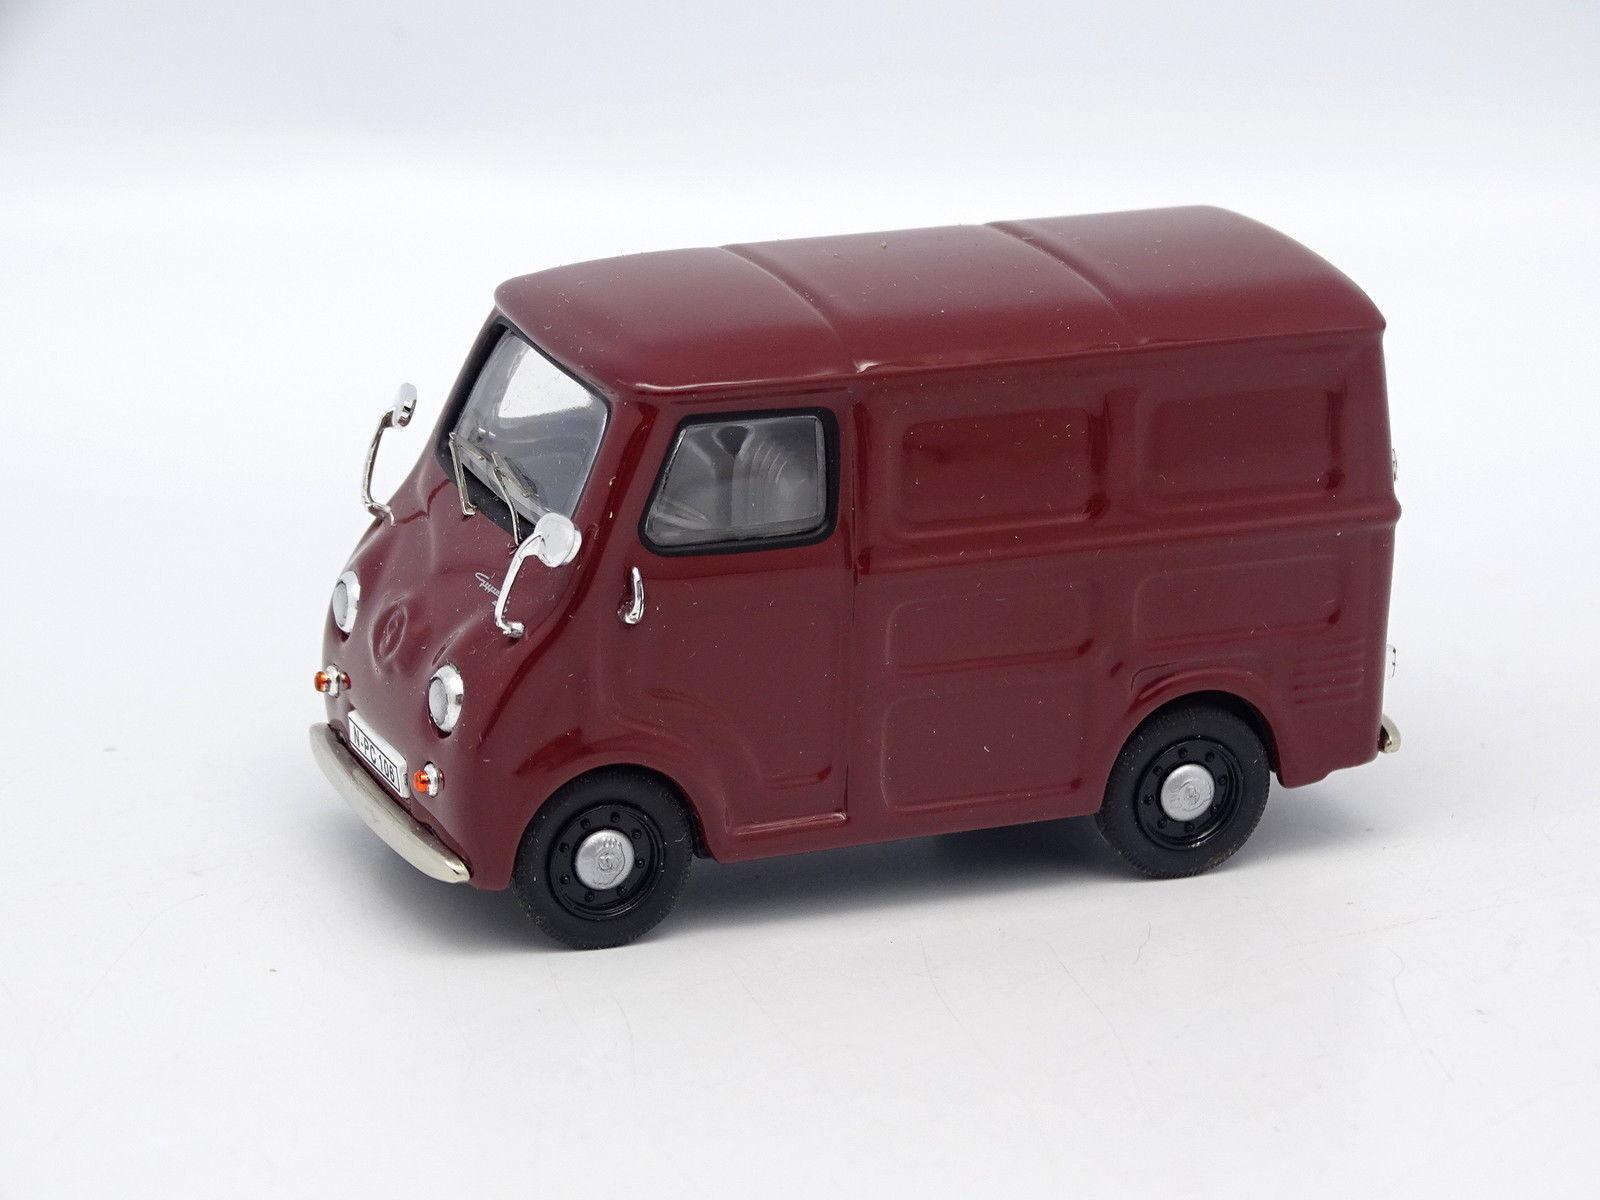 Premium SB 1 43 - Goggomobil TL250 TL250 TL250 Red 6f6946